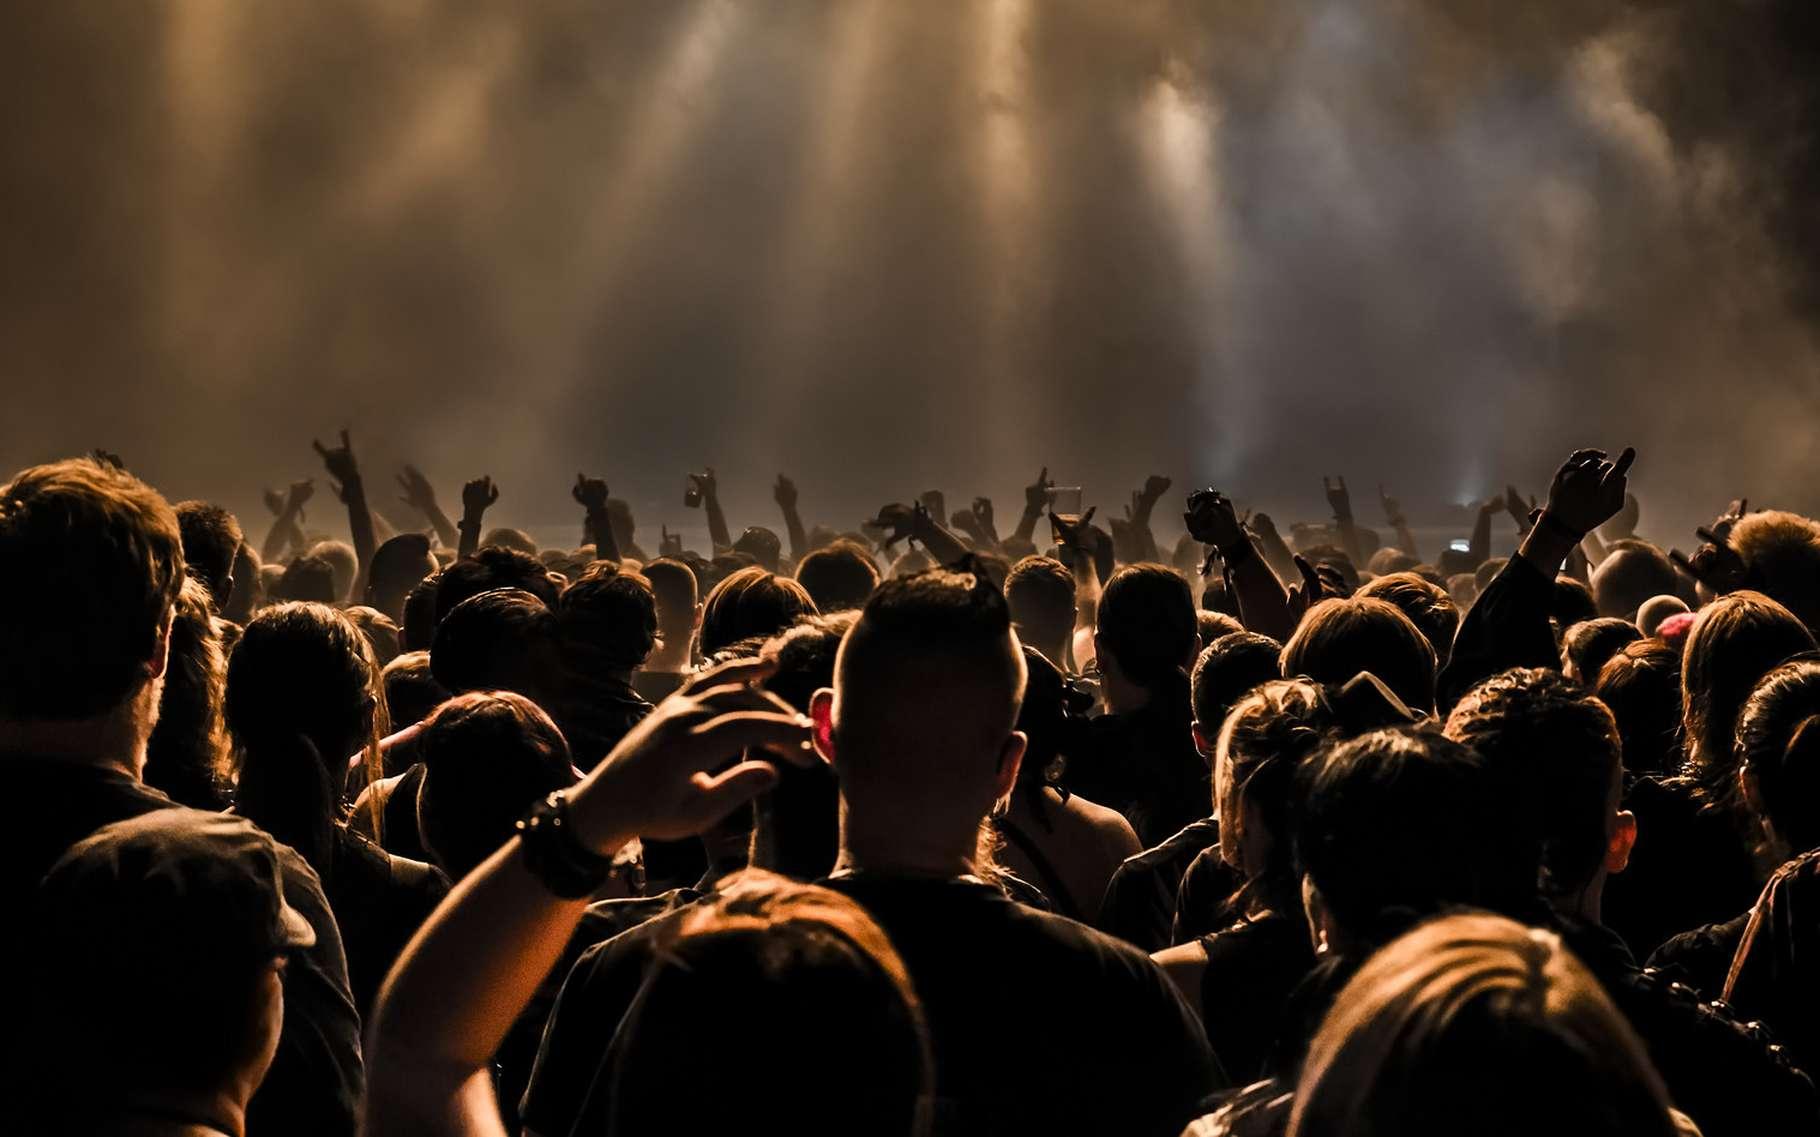 Vous assistez à un concert ? Portez des bouchons auditifs avec le marquage CE. Cela permet d'éviter un vieillissement prématuré du système auditif. © dwphotos, Shutterstock